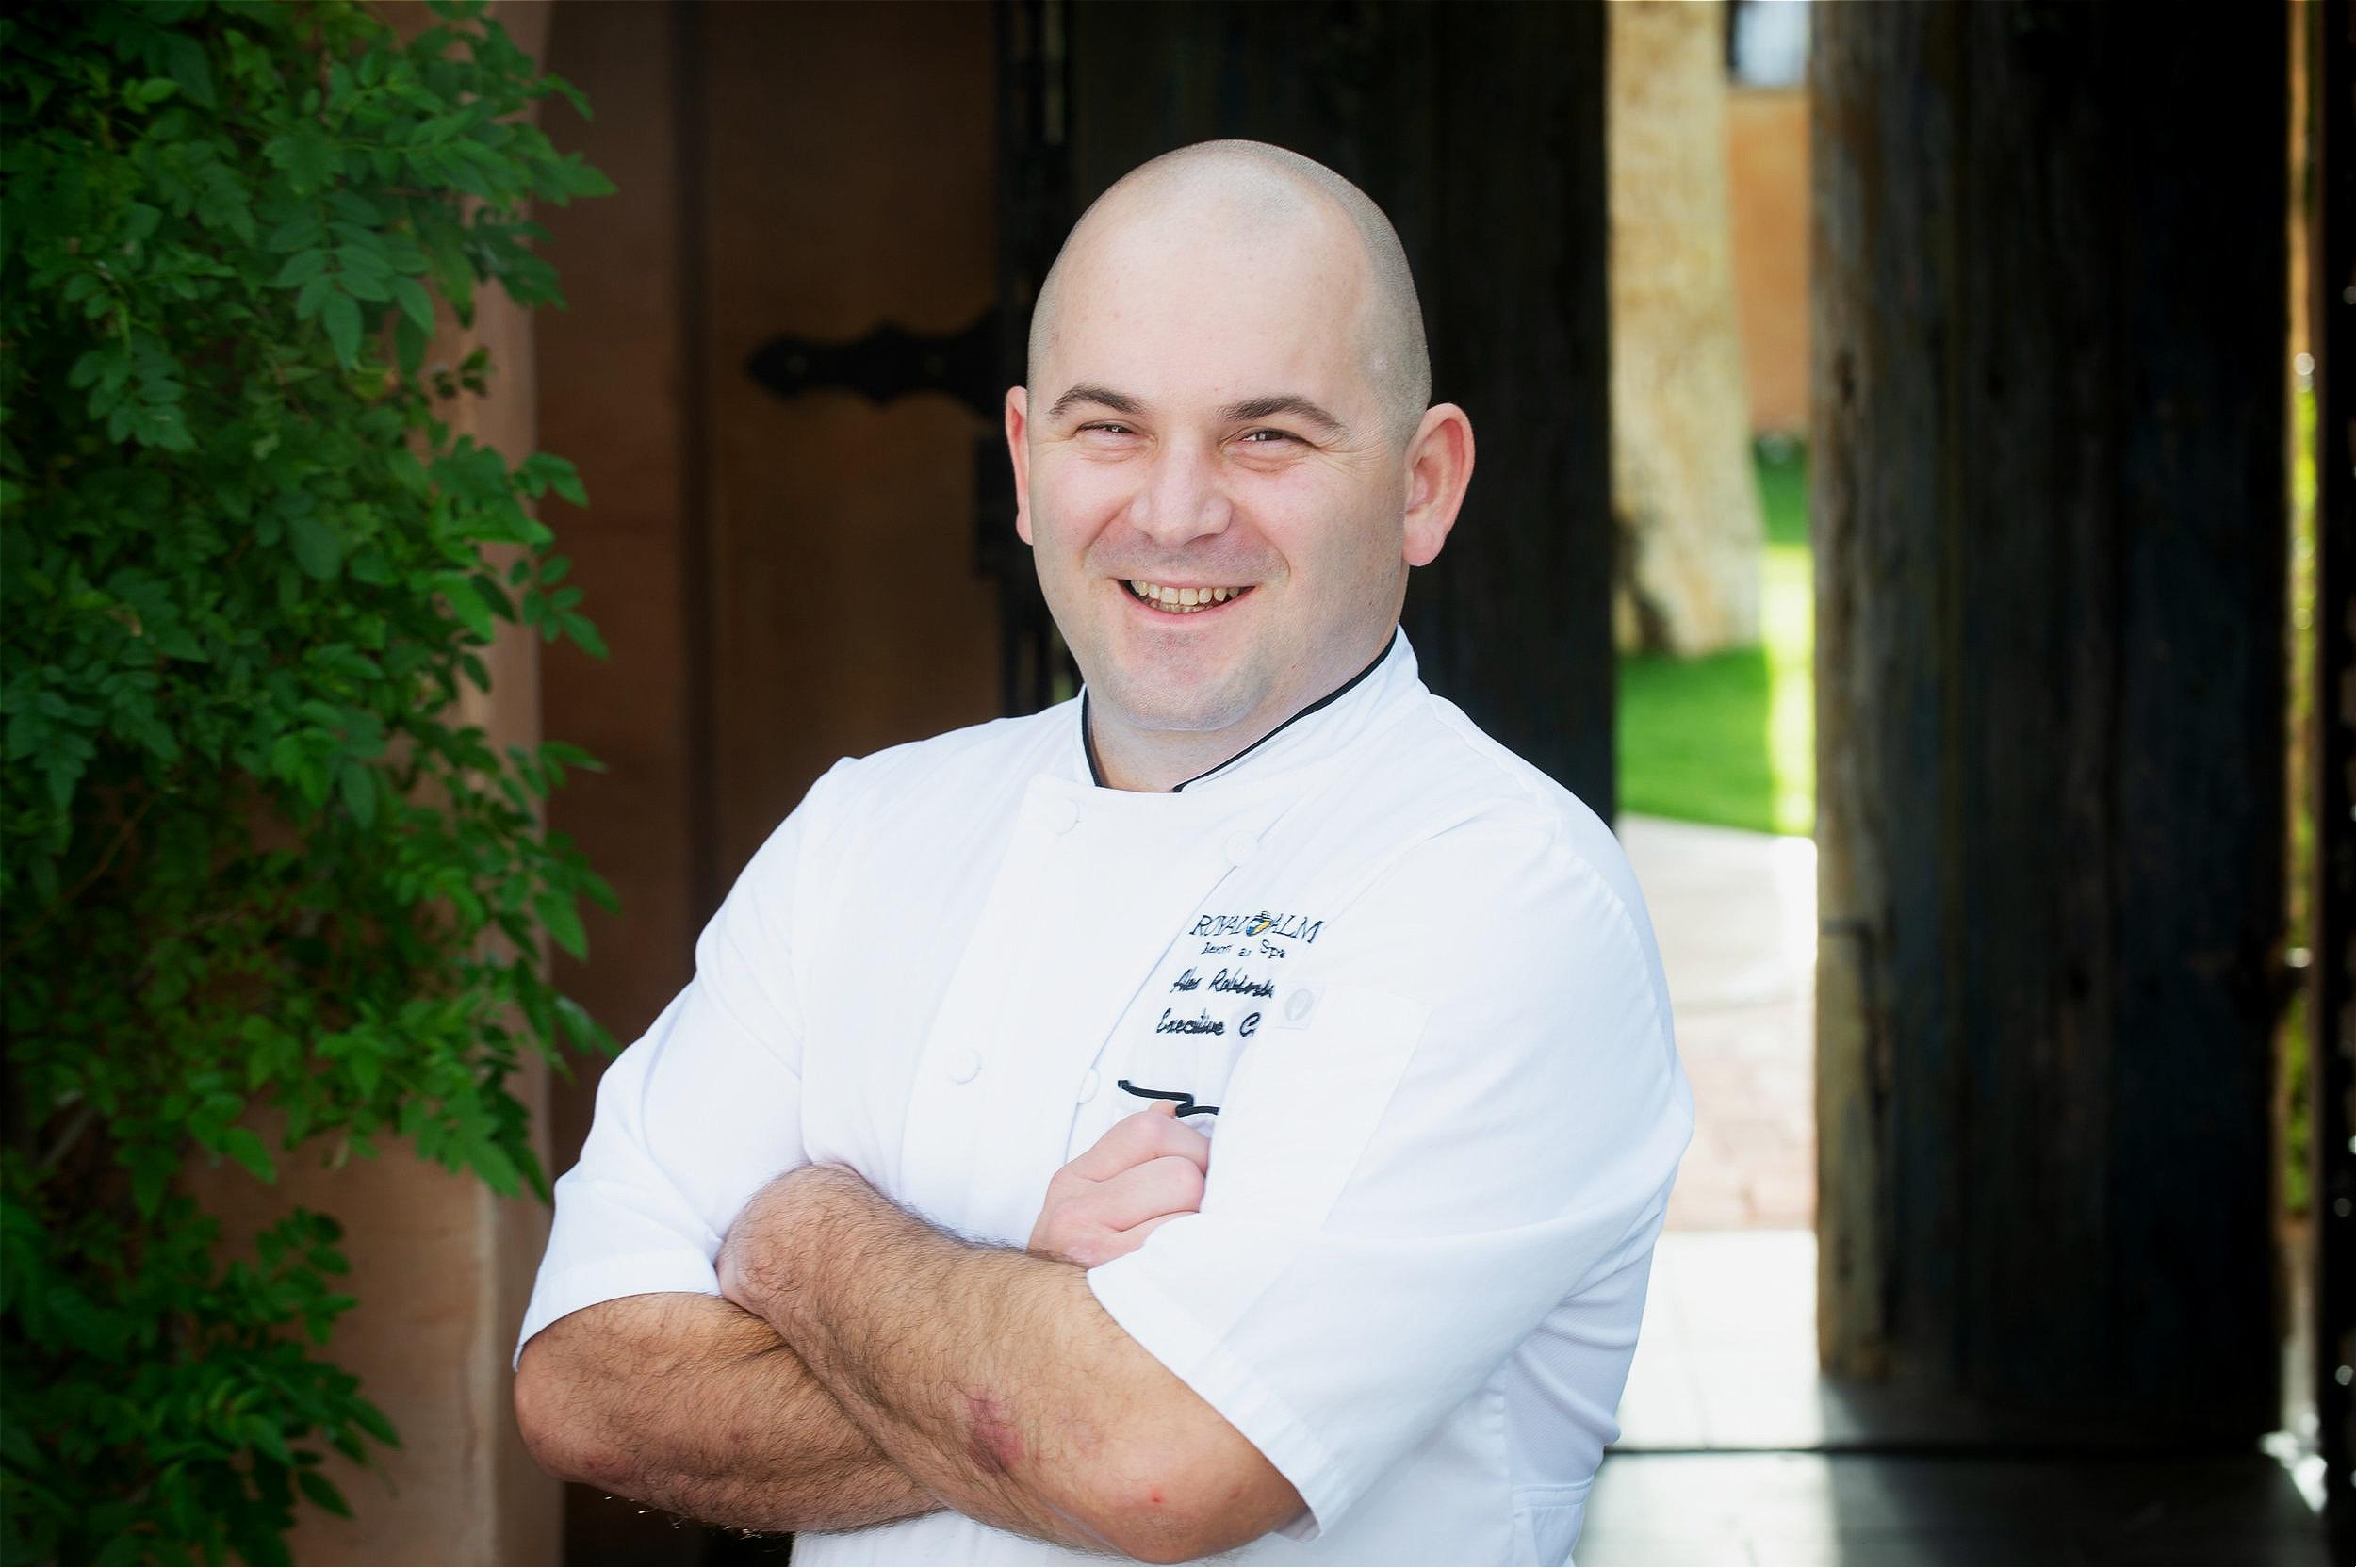 Chef Alex Robinson